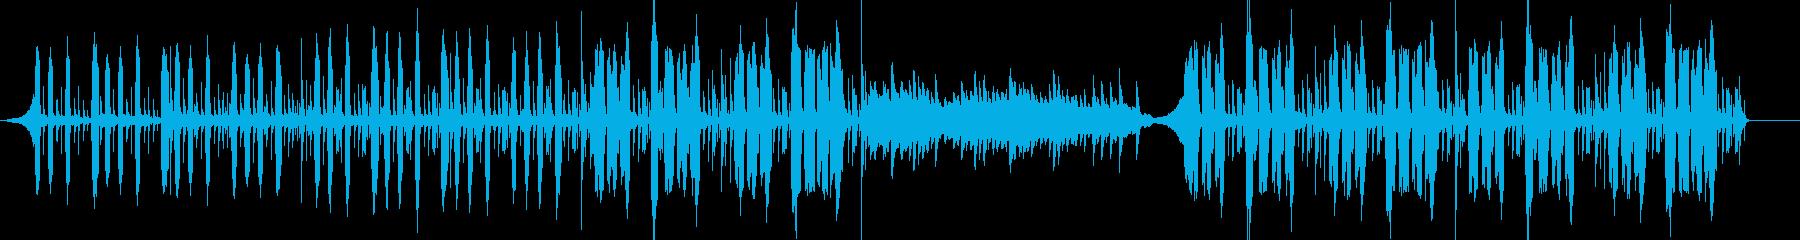 ピアノメインの優しい温かみのあるポップの再生済みの波形